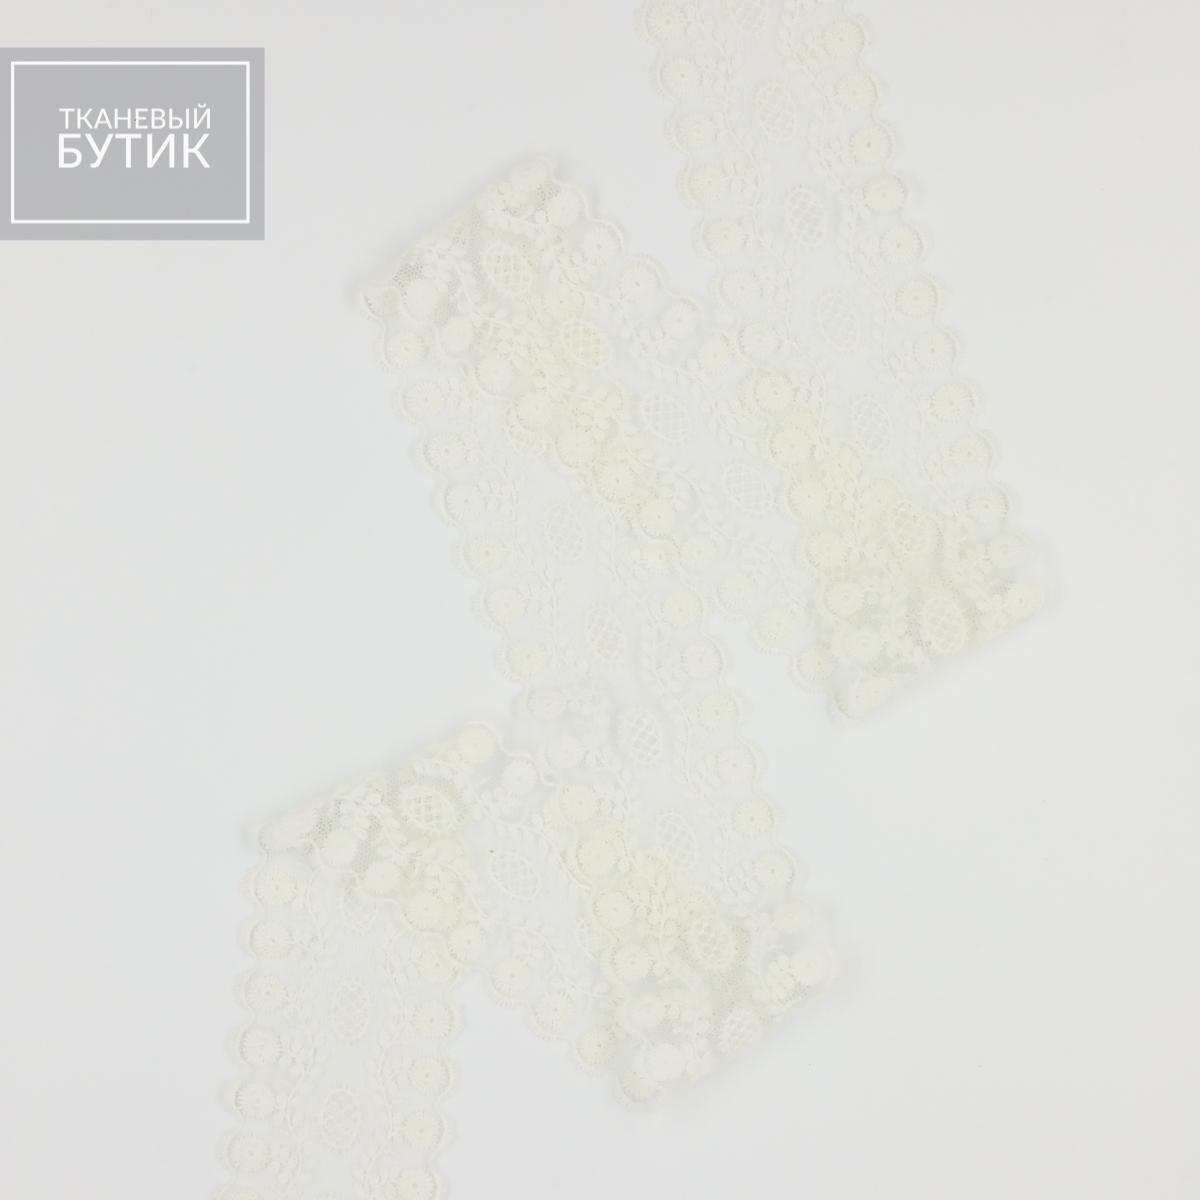 Вышивка по сетке в виде ленты молочного цвета